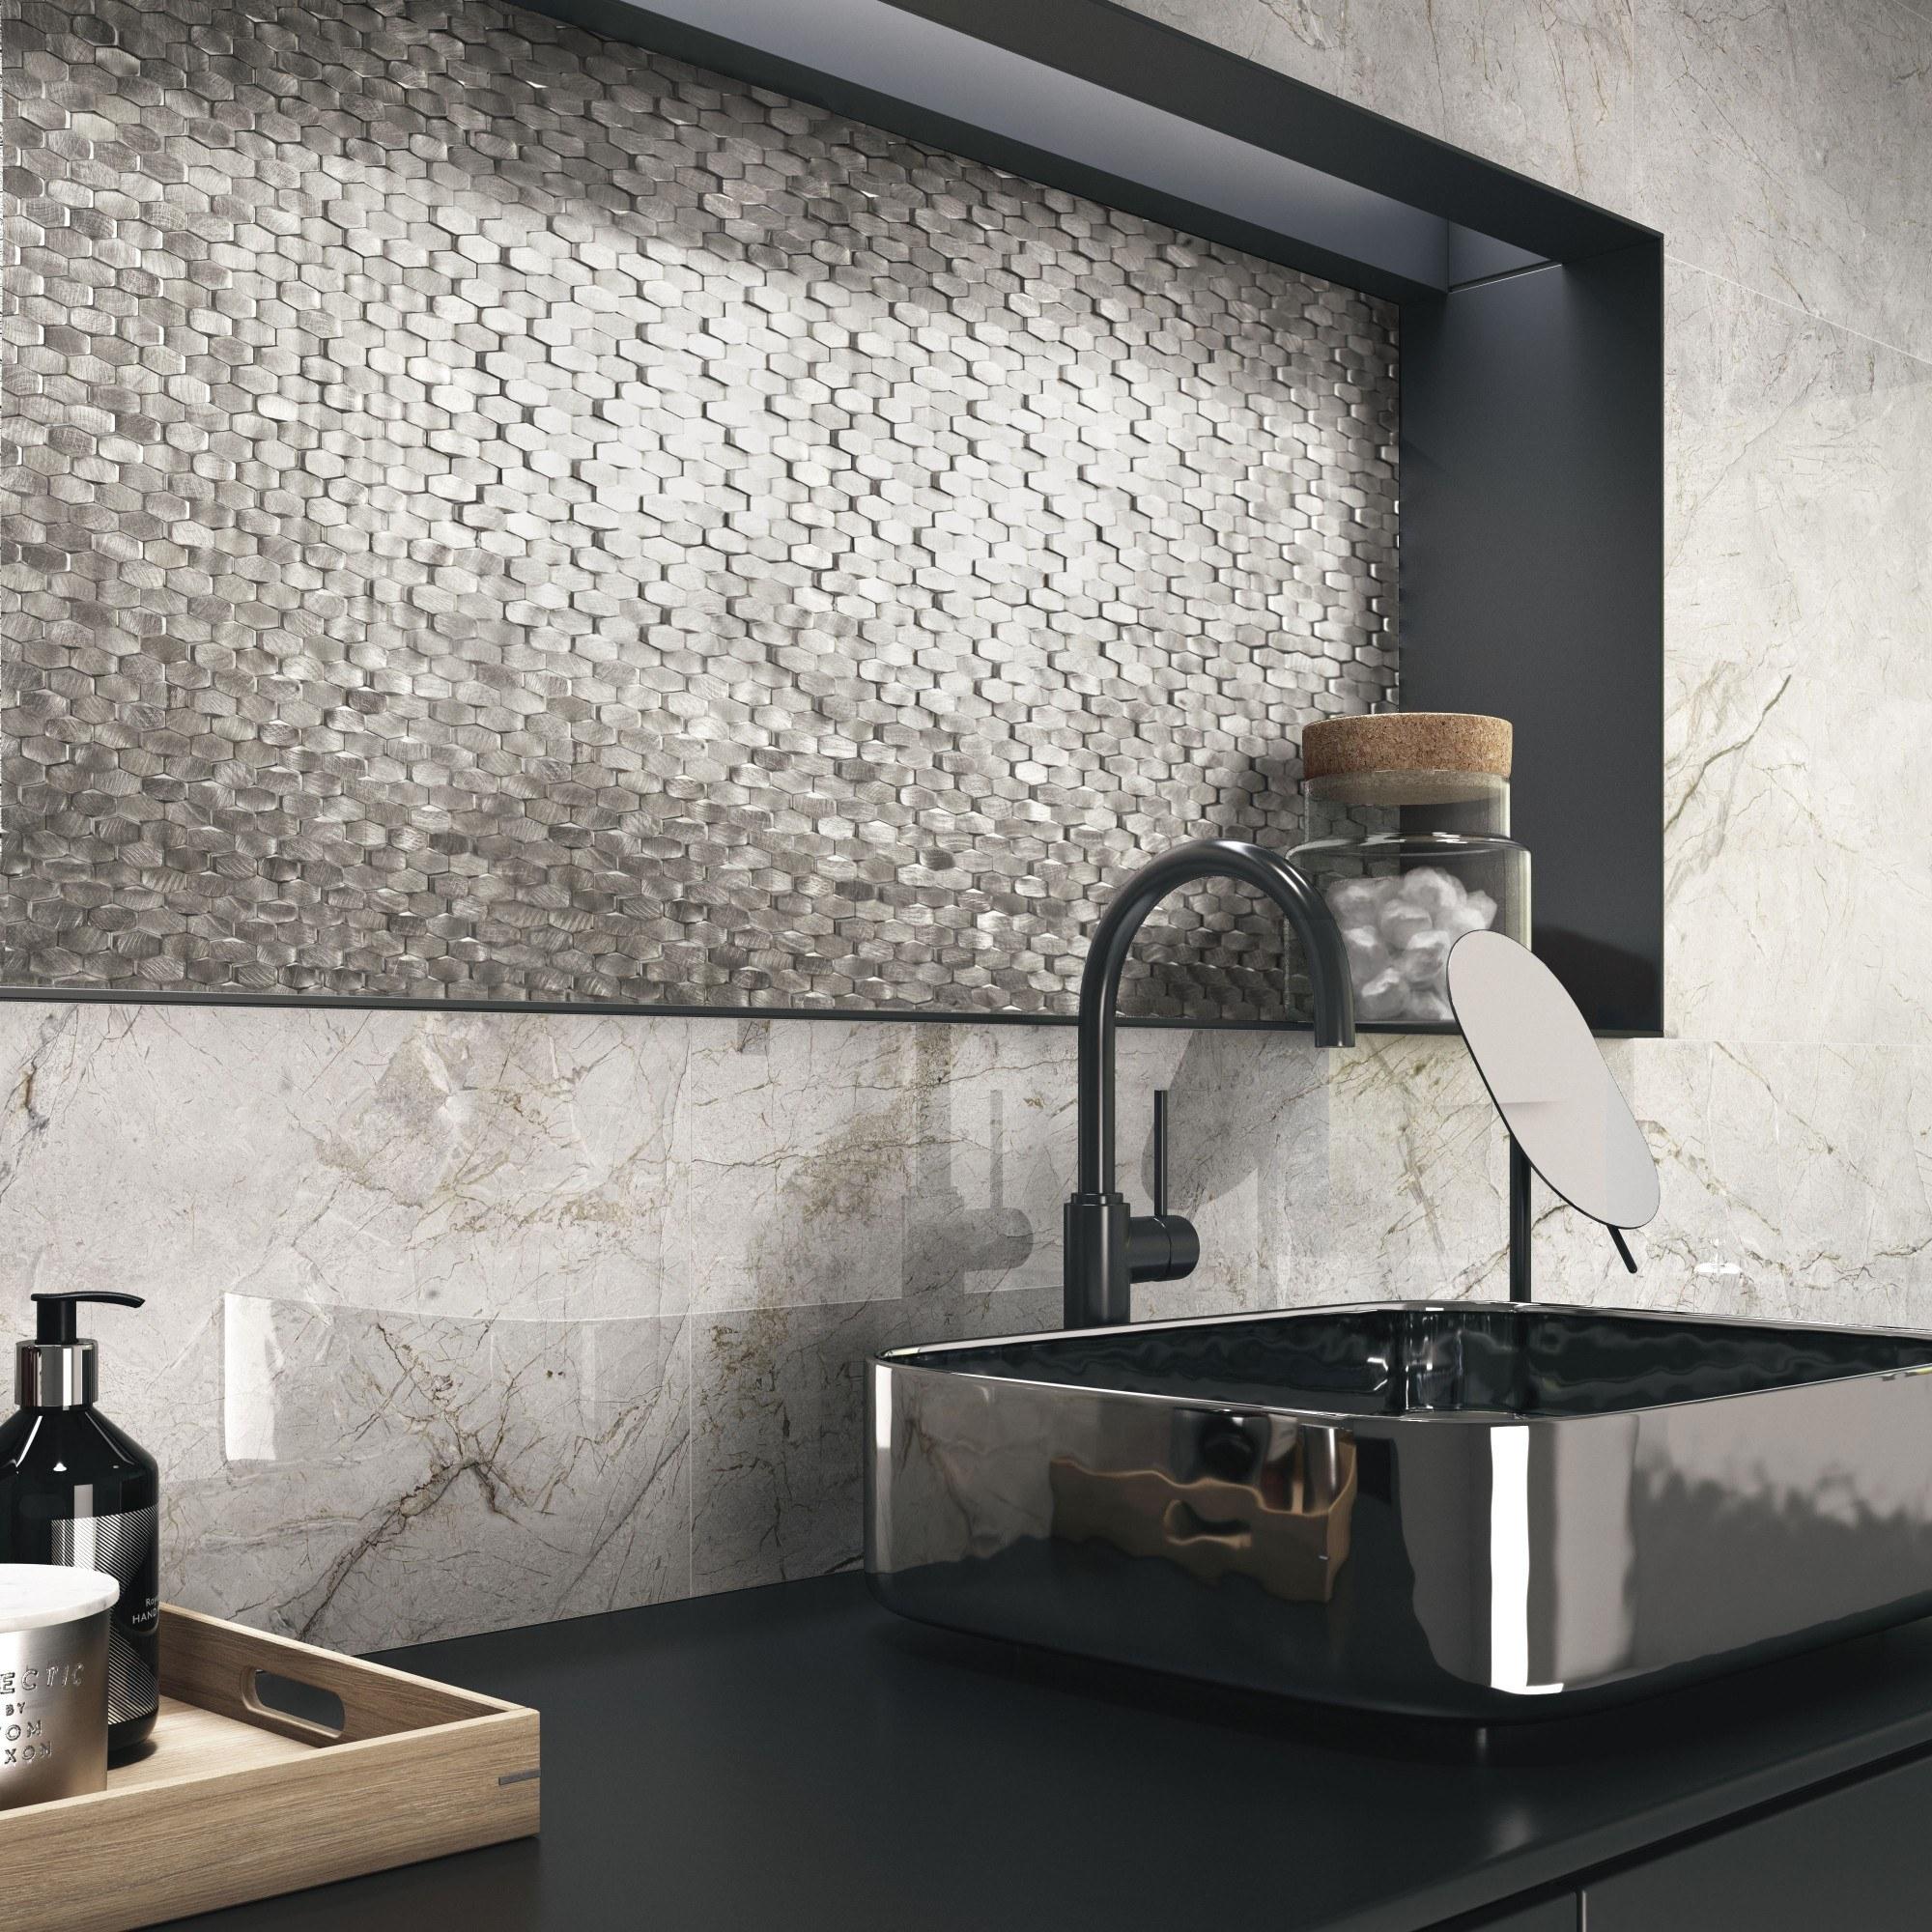 Zandkleur marmerlook tegels met metaal mozaïek accenttegels